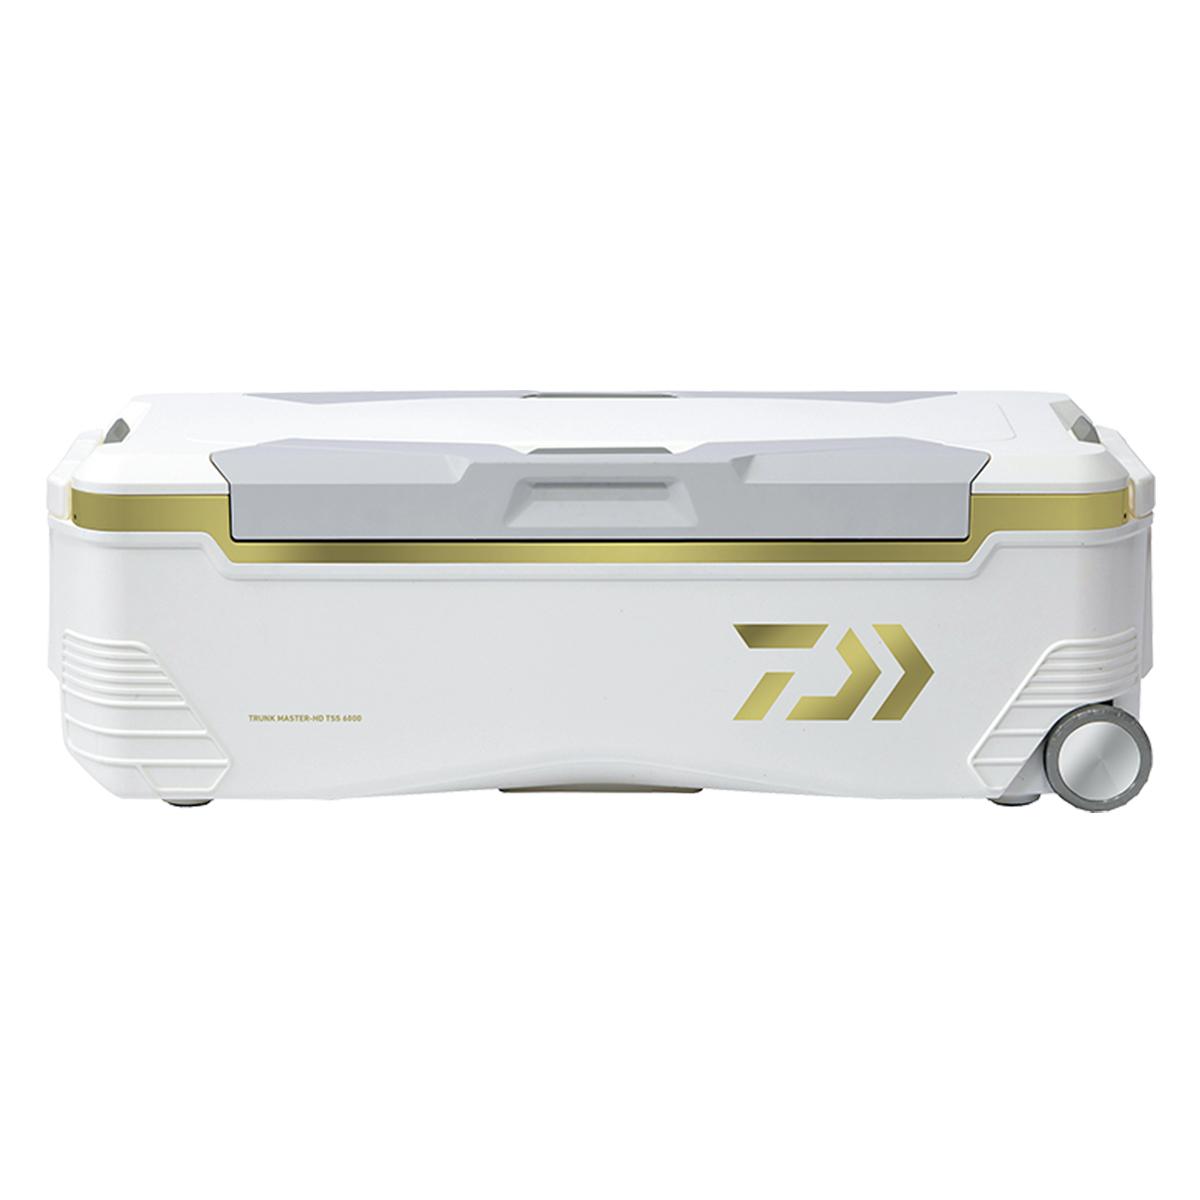 【新発売】 ダイワ トランクマスターHD TSS TSS 6000 6000 Sゴールド クーラーボックス ダイワ【大型商品】, サプリンクス:f54378bb --- supercanaltv.zonalivresh.dominiotemporario.com